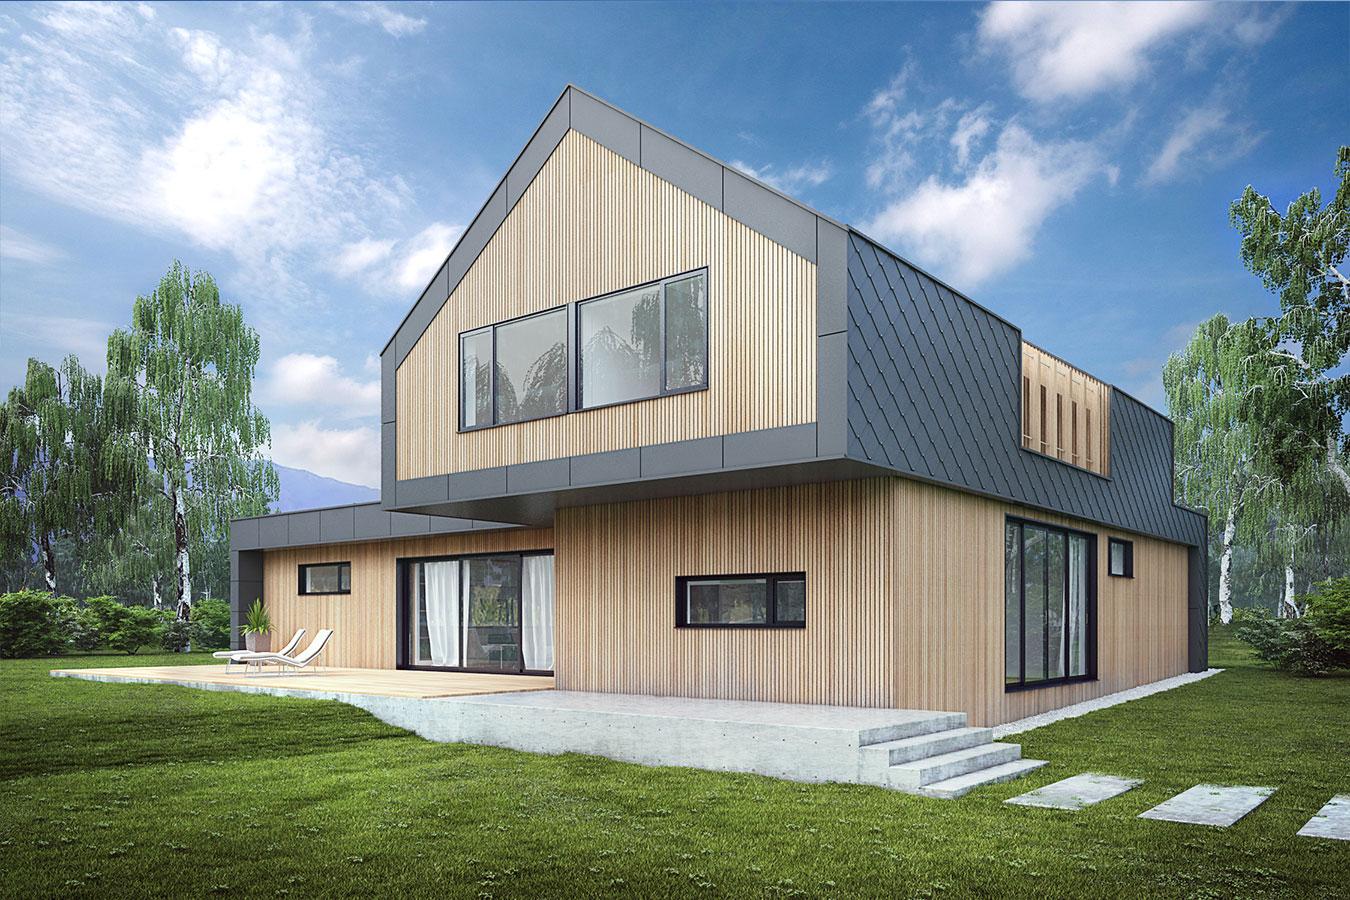 3d Visualisierung Preise außenansicht architektur visualisierung rendering